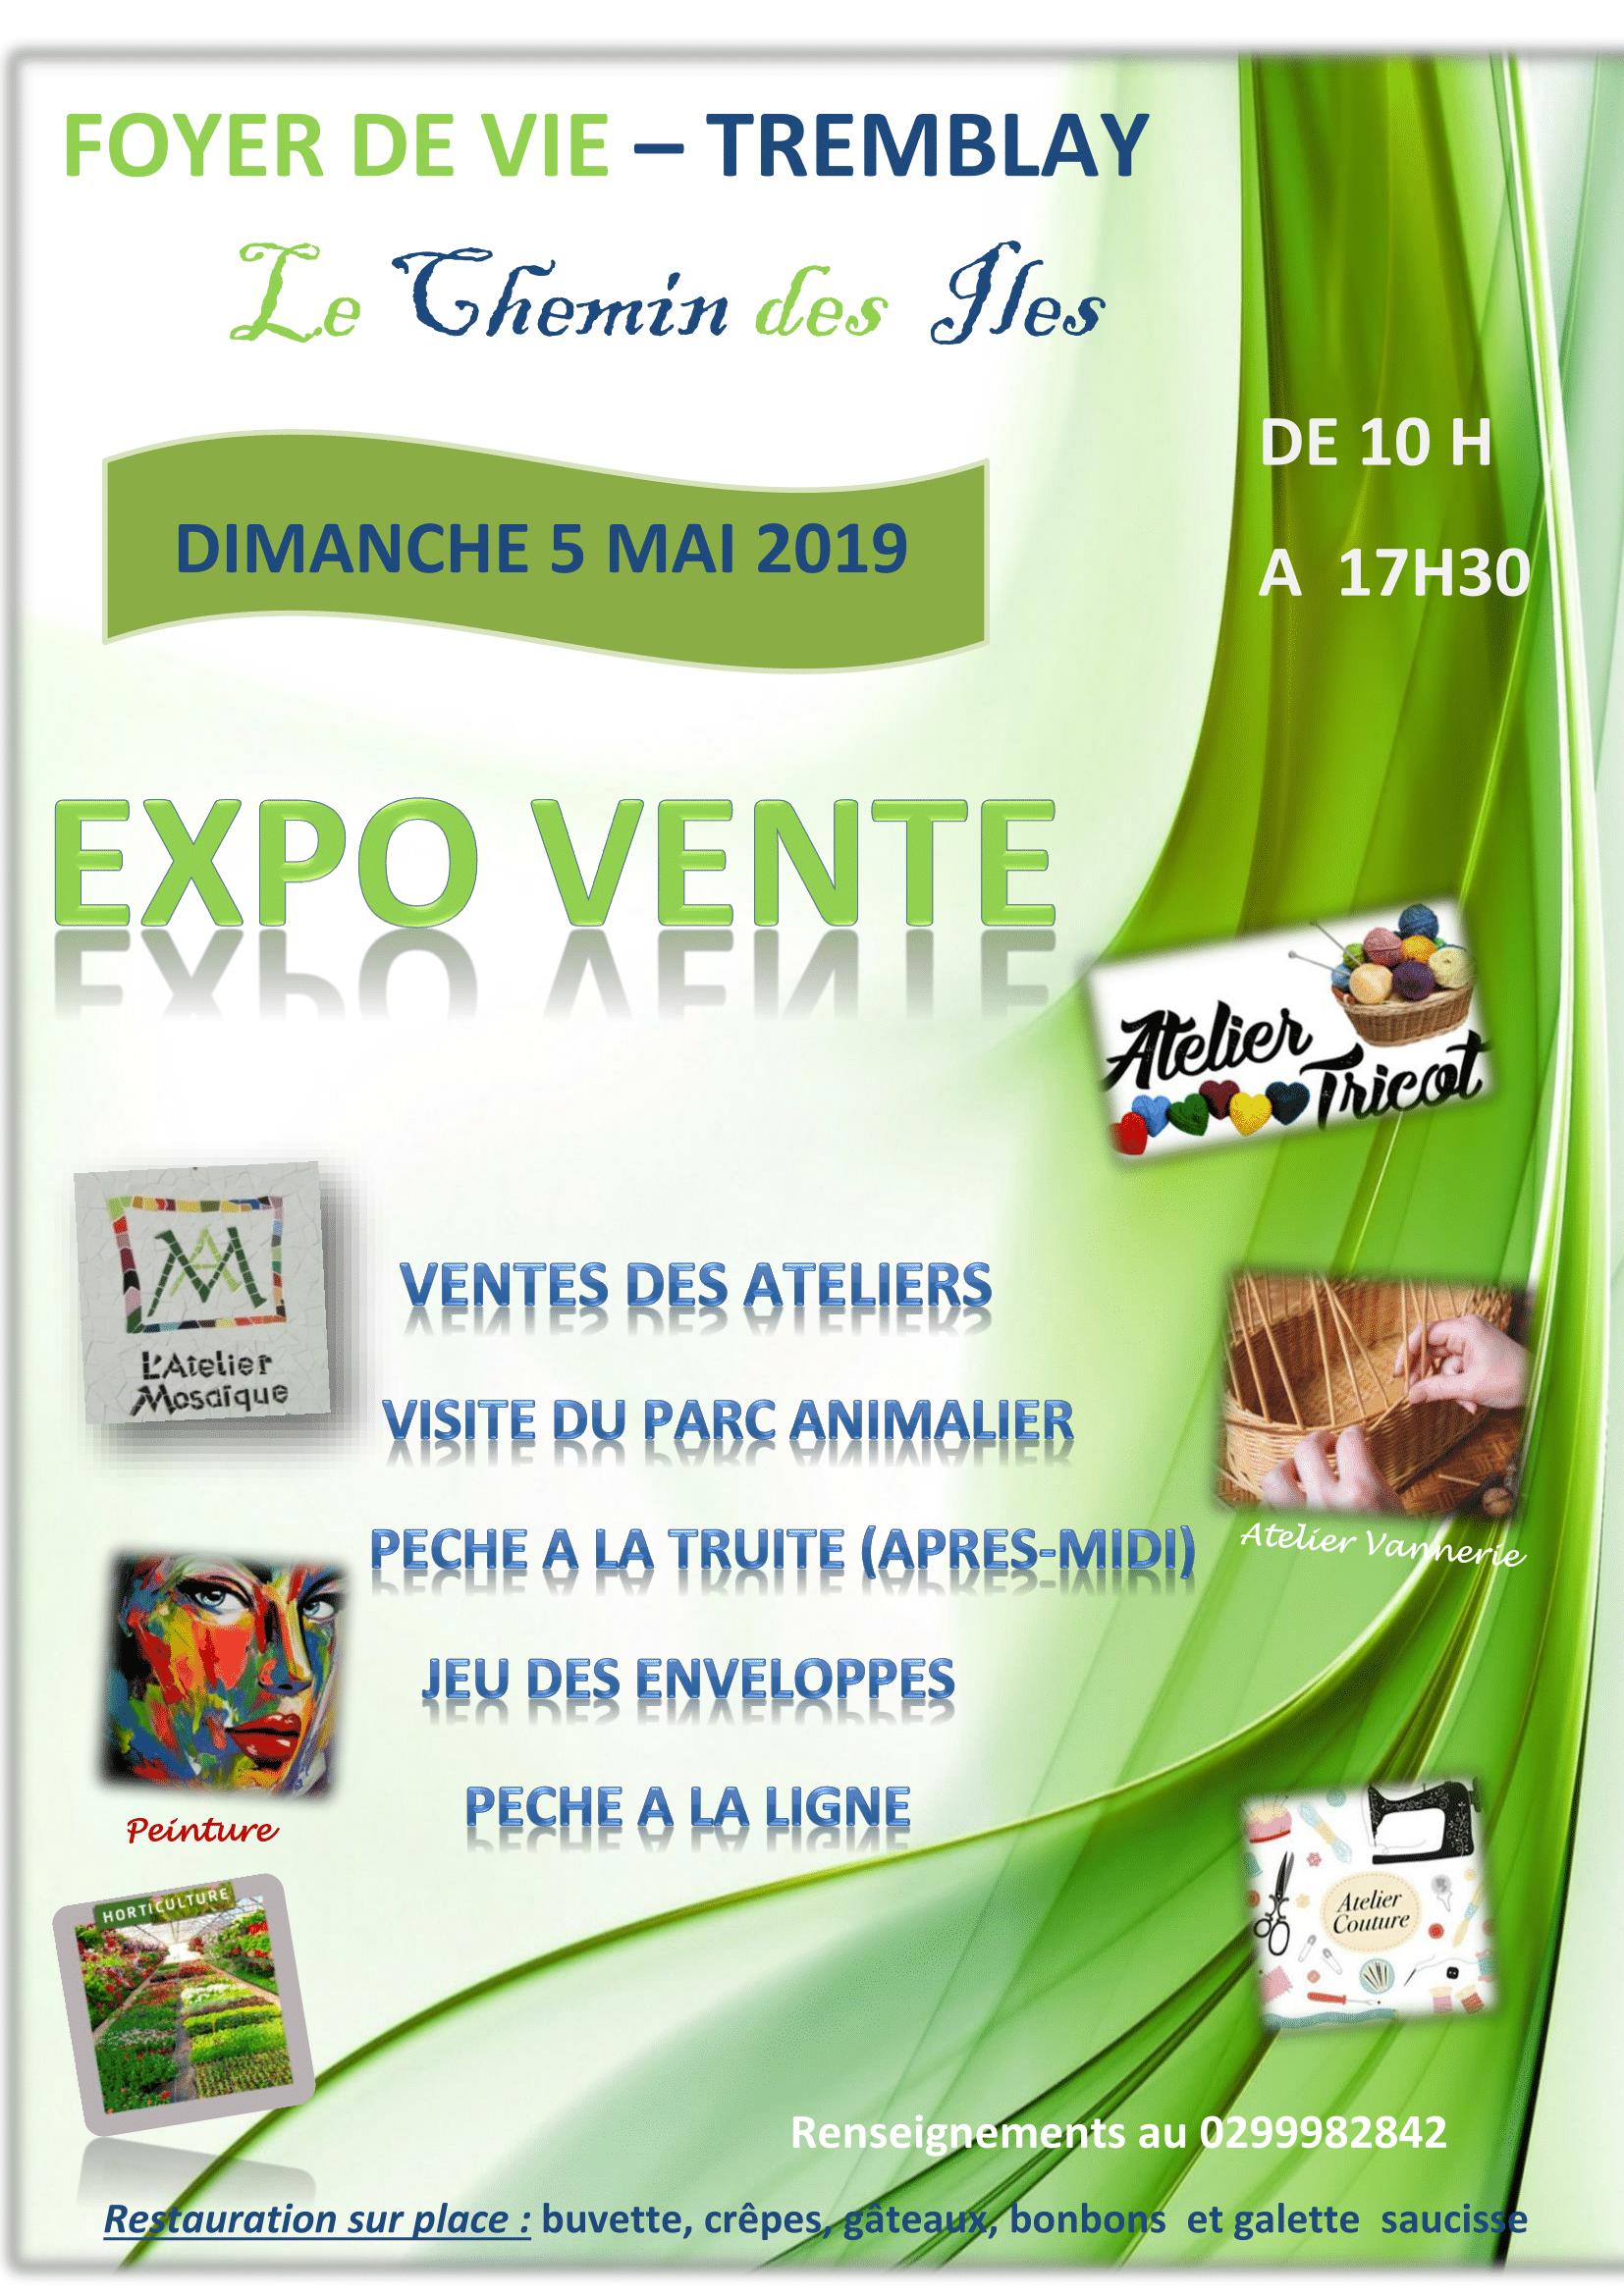 EXPO VENTE MAEN ROCH 2019